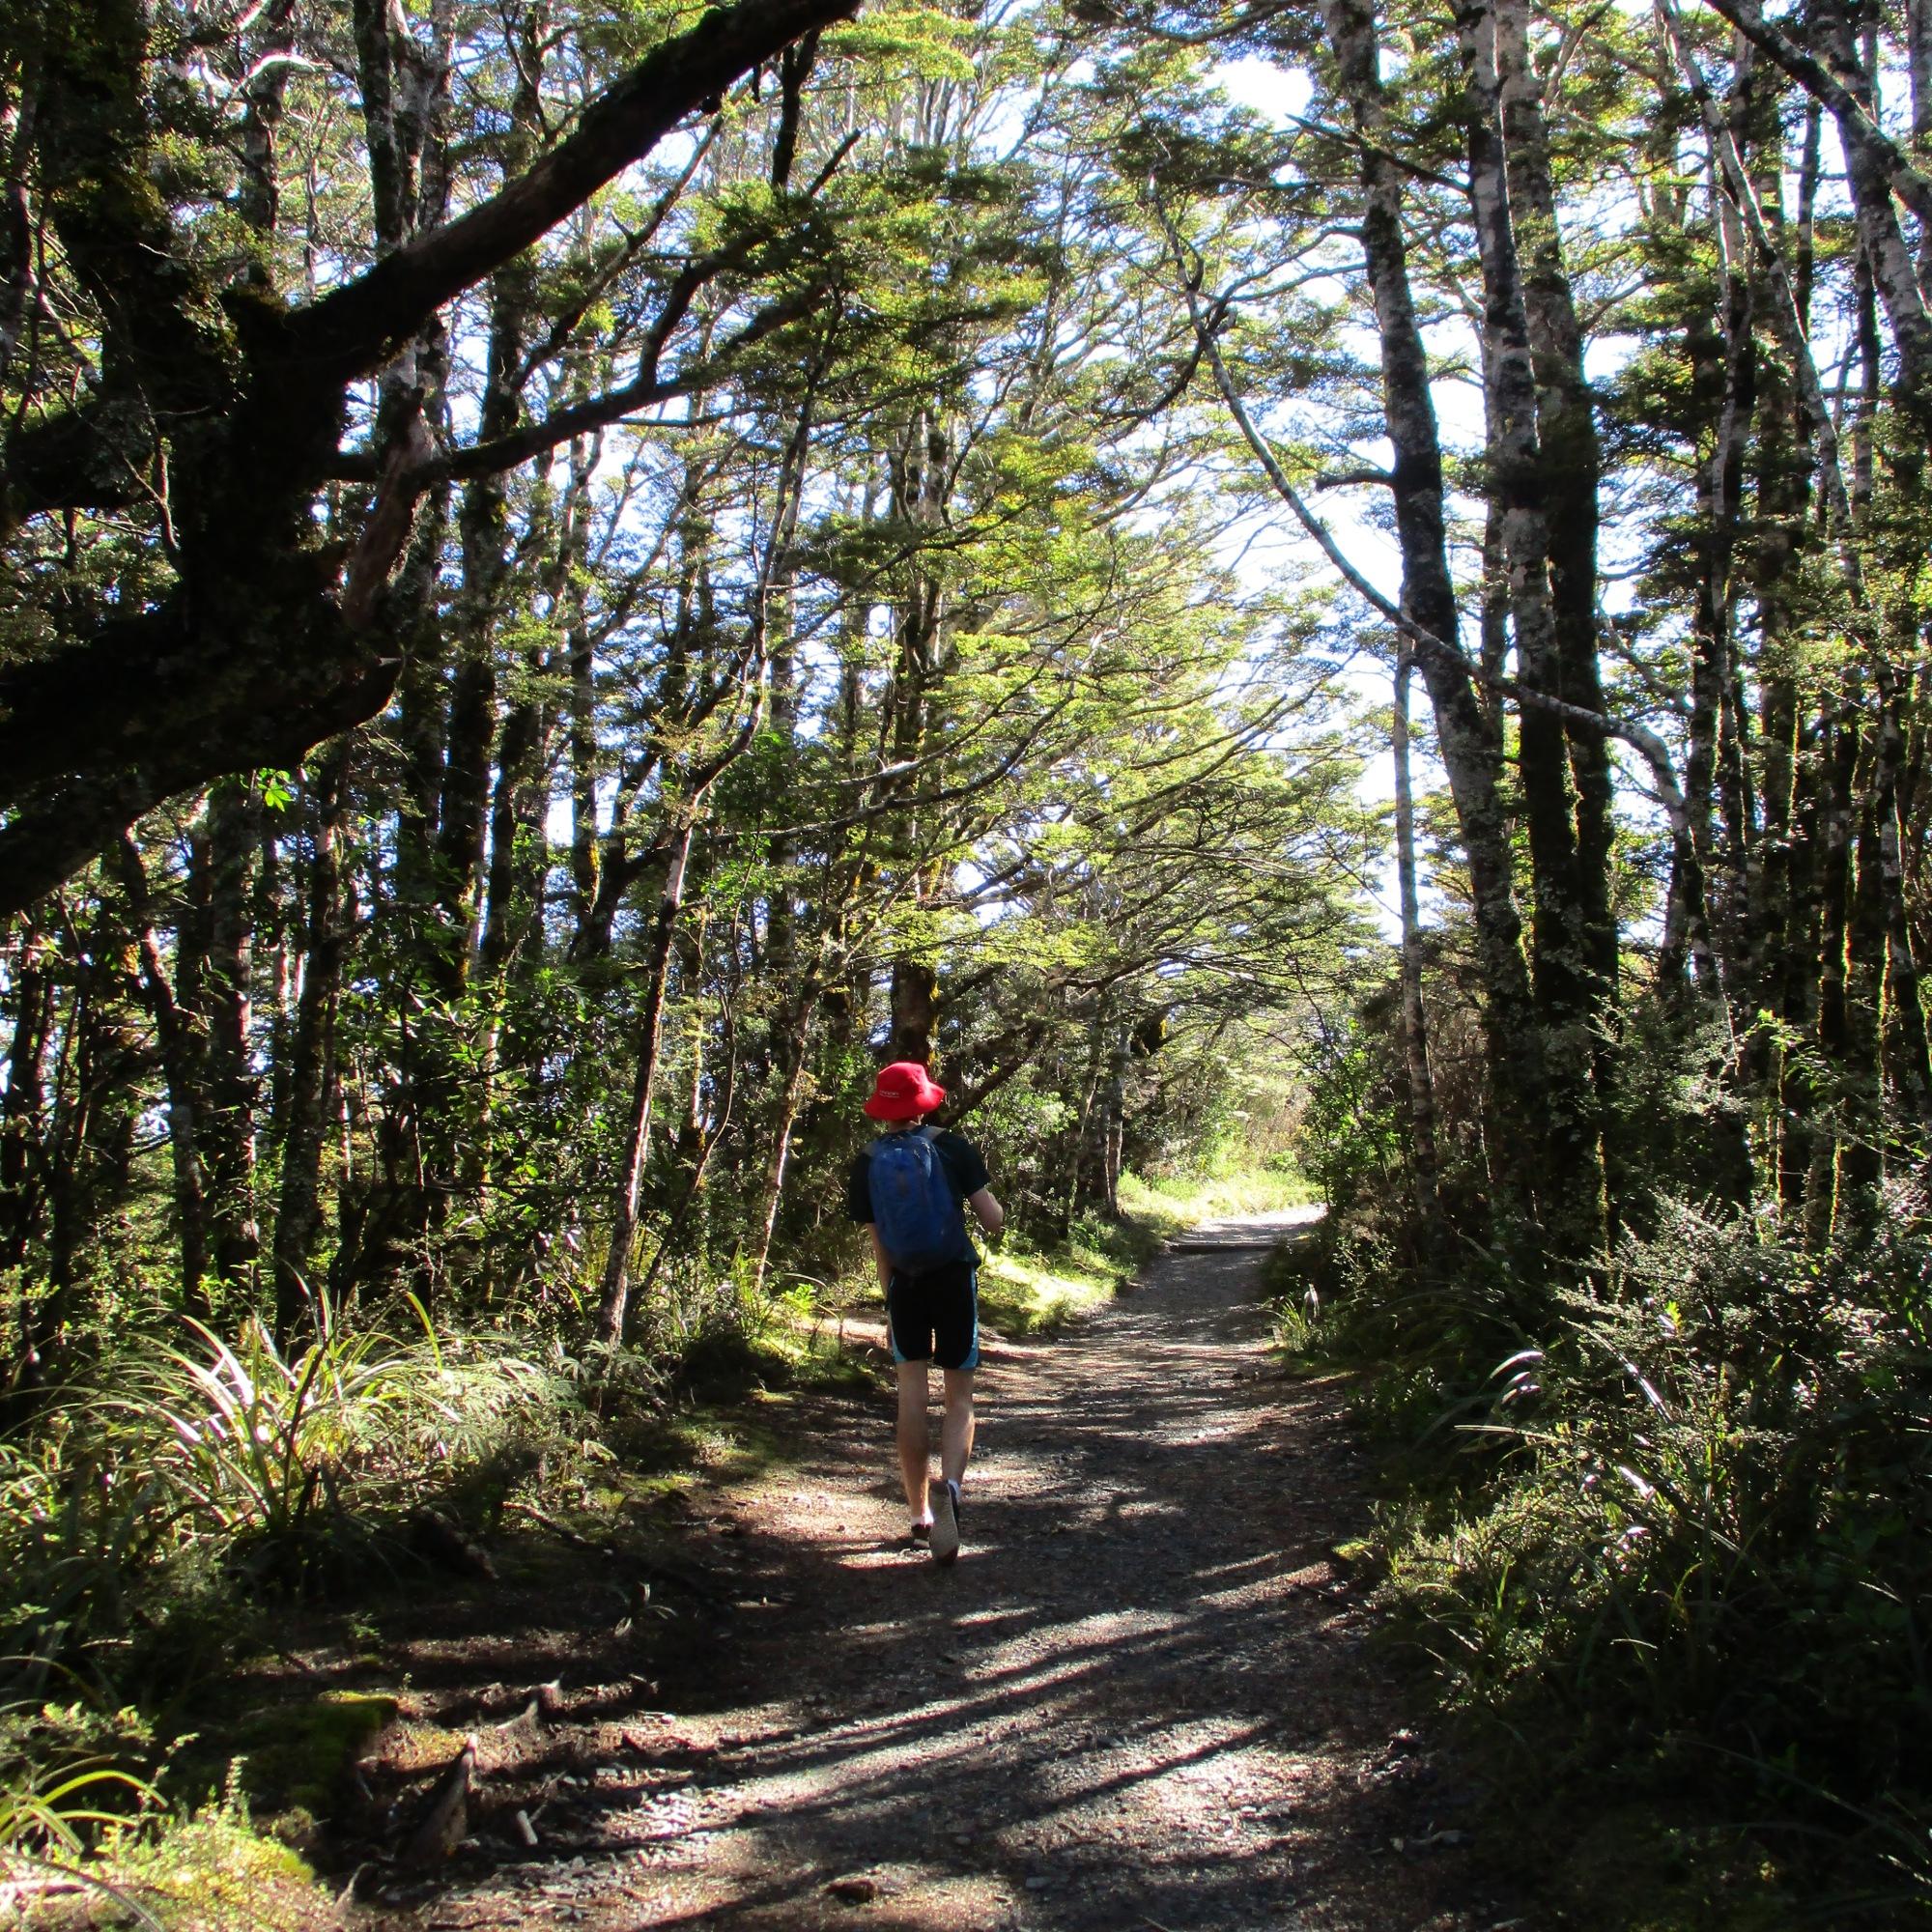 Beech-forest, Tongariro National Park